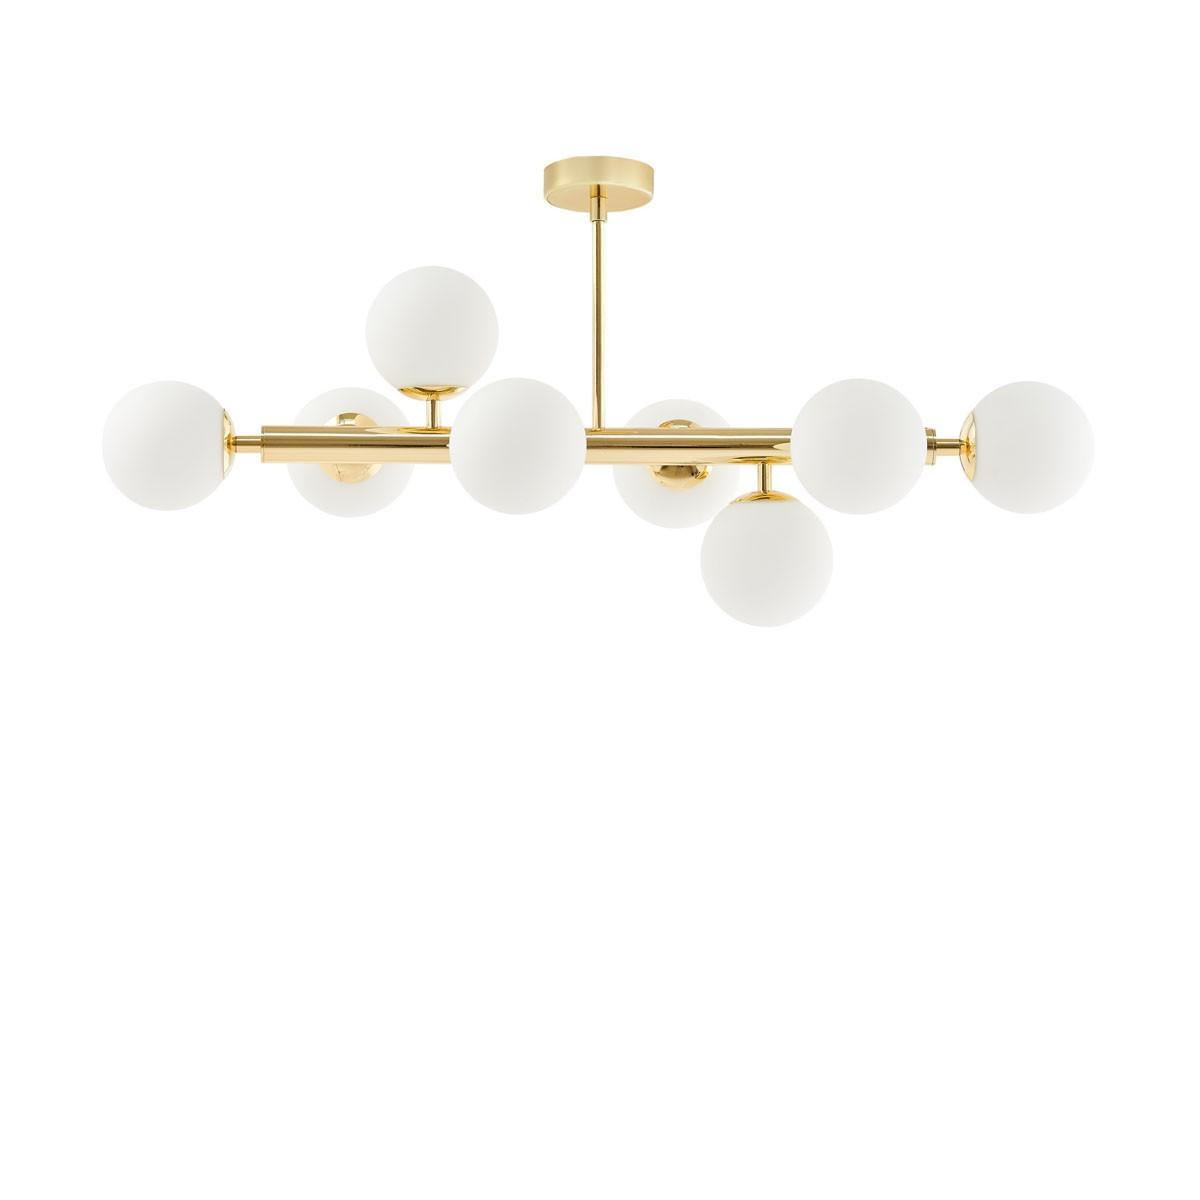 Złota lampa przysufitowa CUMULUS 3 złoty żyrandol osiem